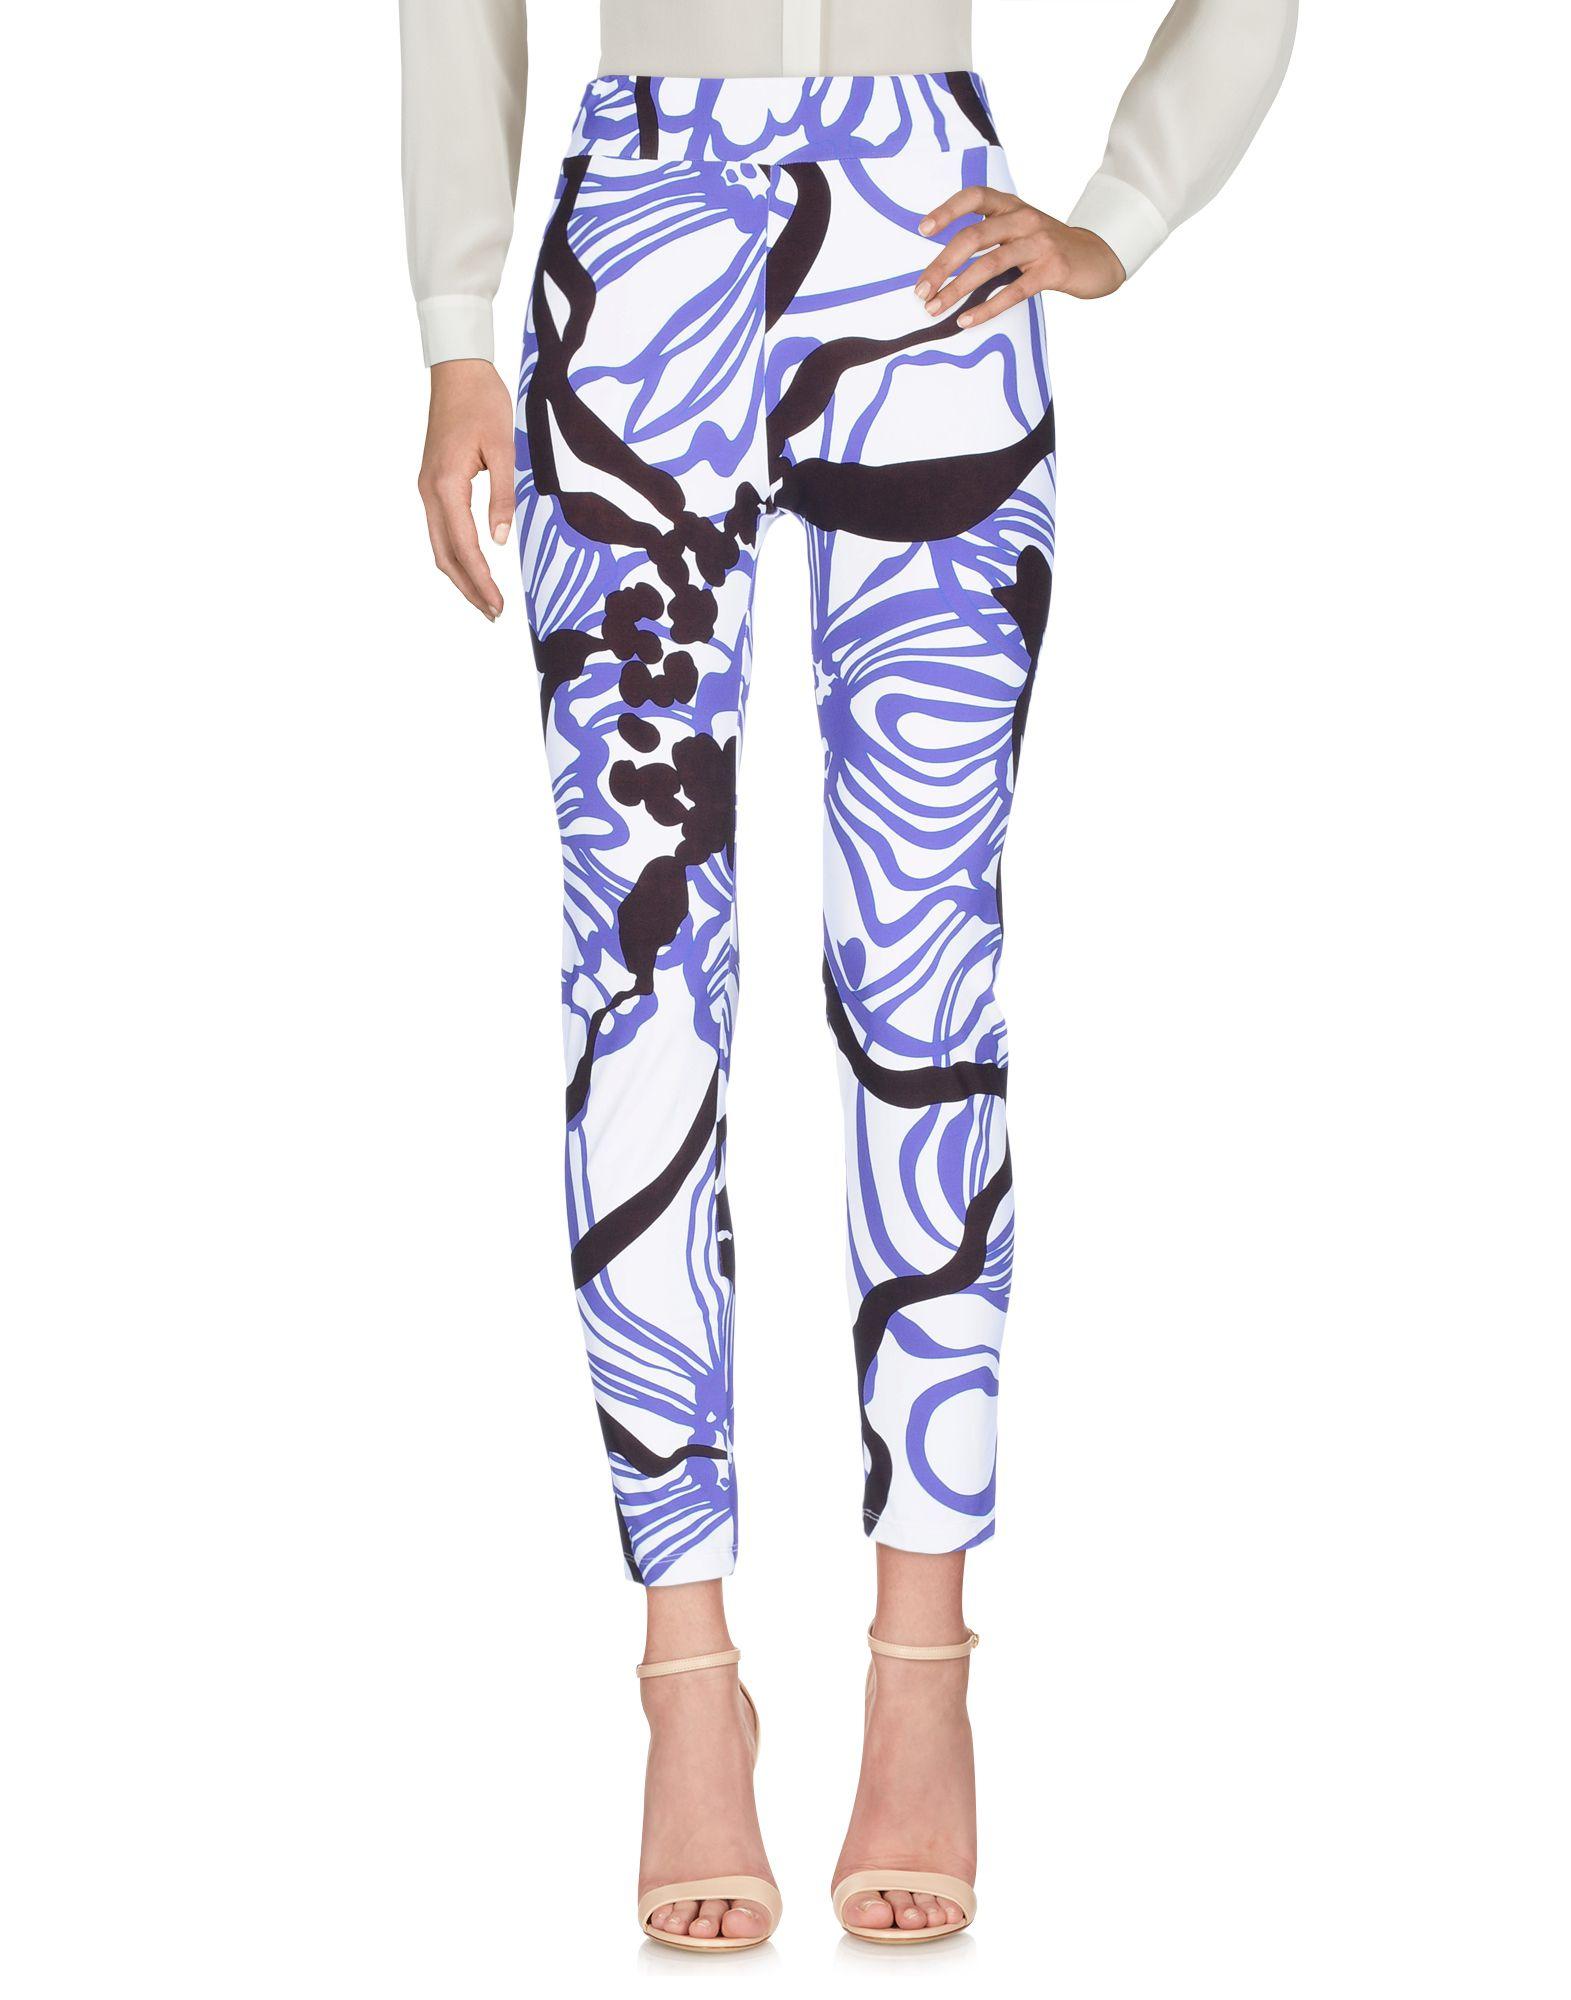 Pantalone Clips More Donna - Acquista online su xvHidQyp